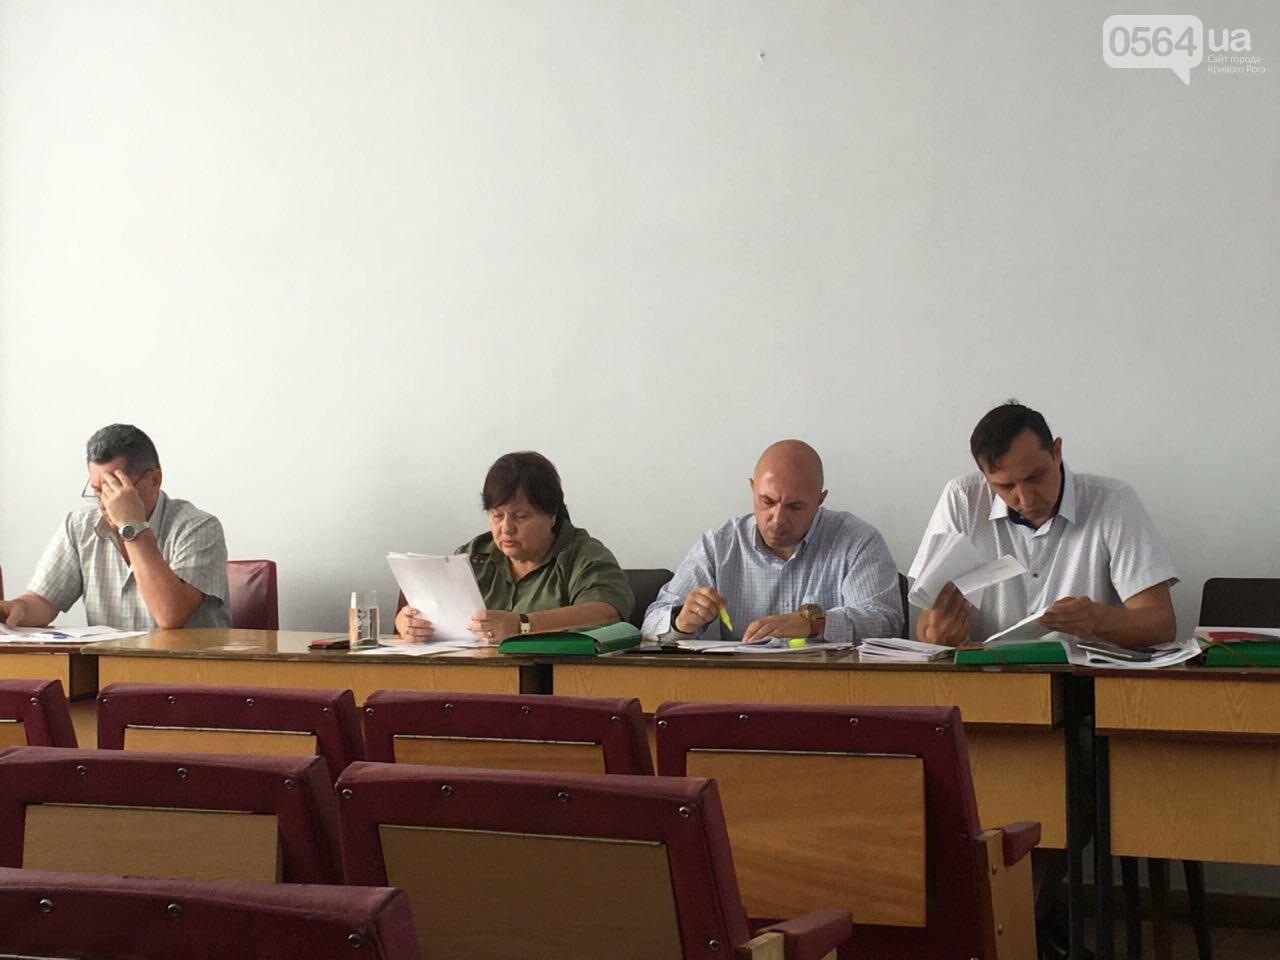 В Кривом Роге хотят управление благоустройства горисполкома расширить до департамента, фото-3